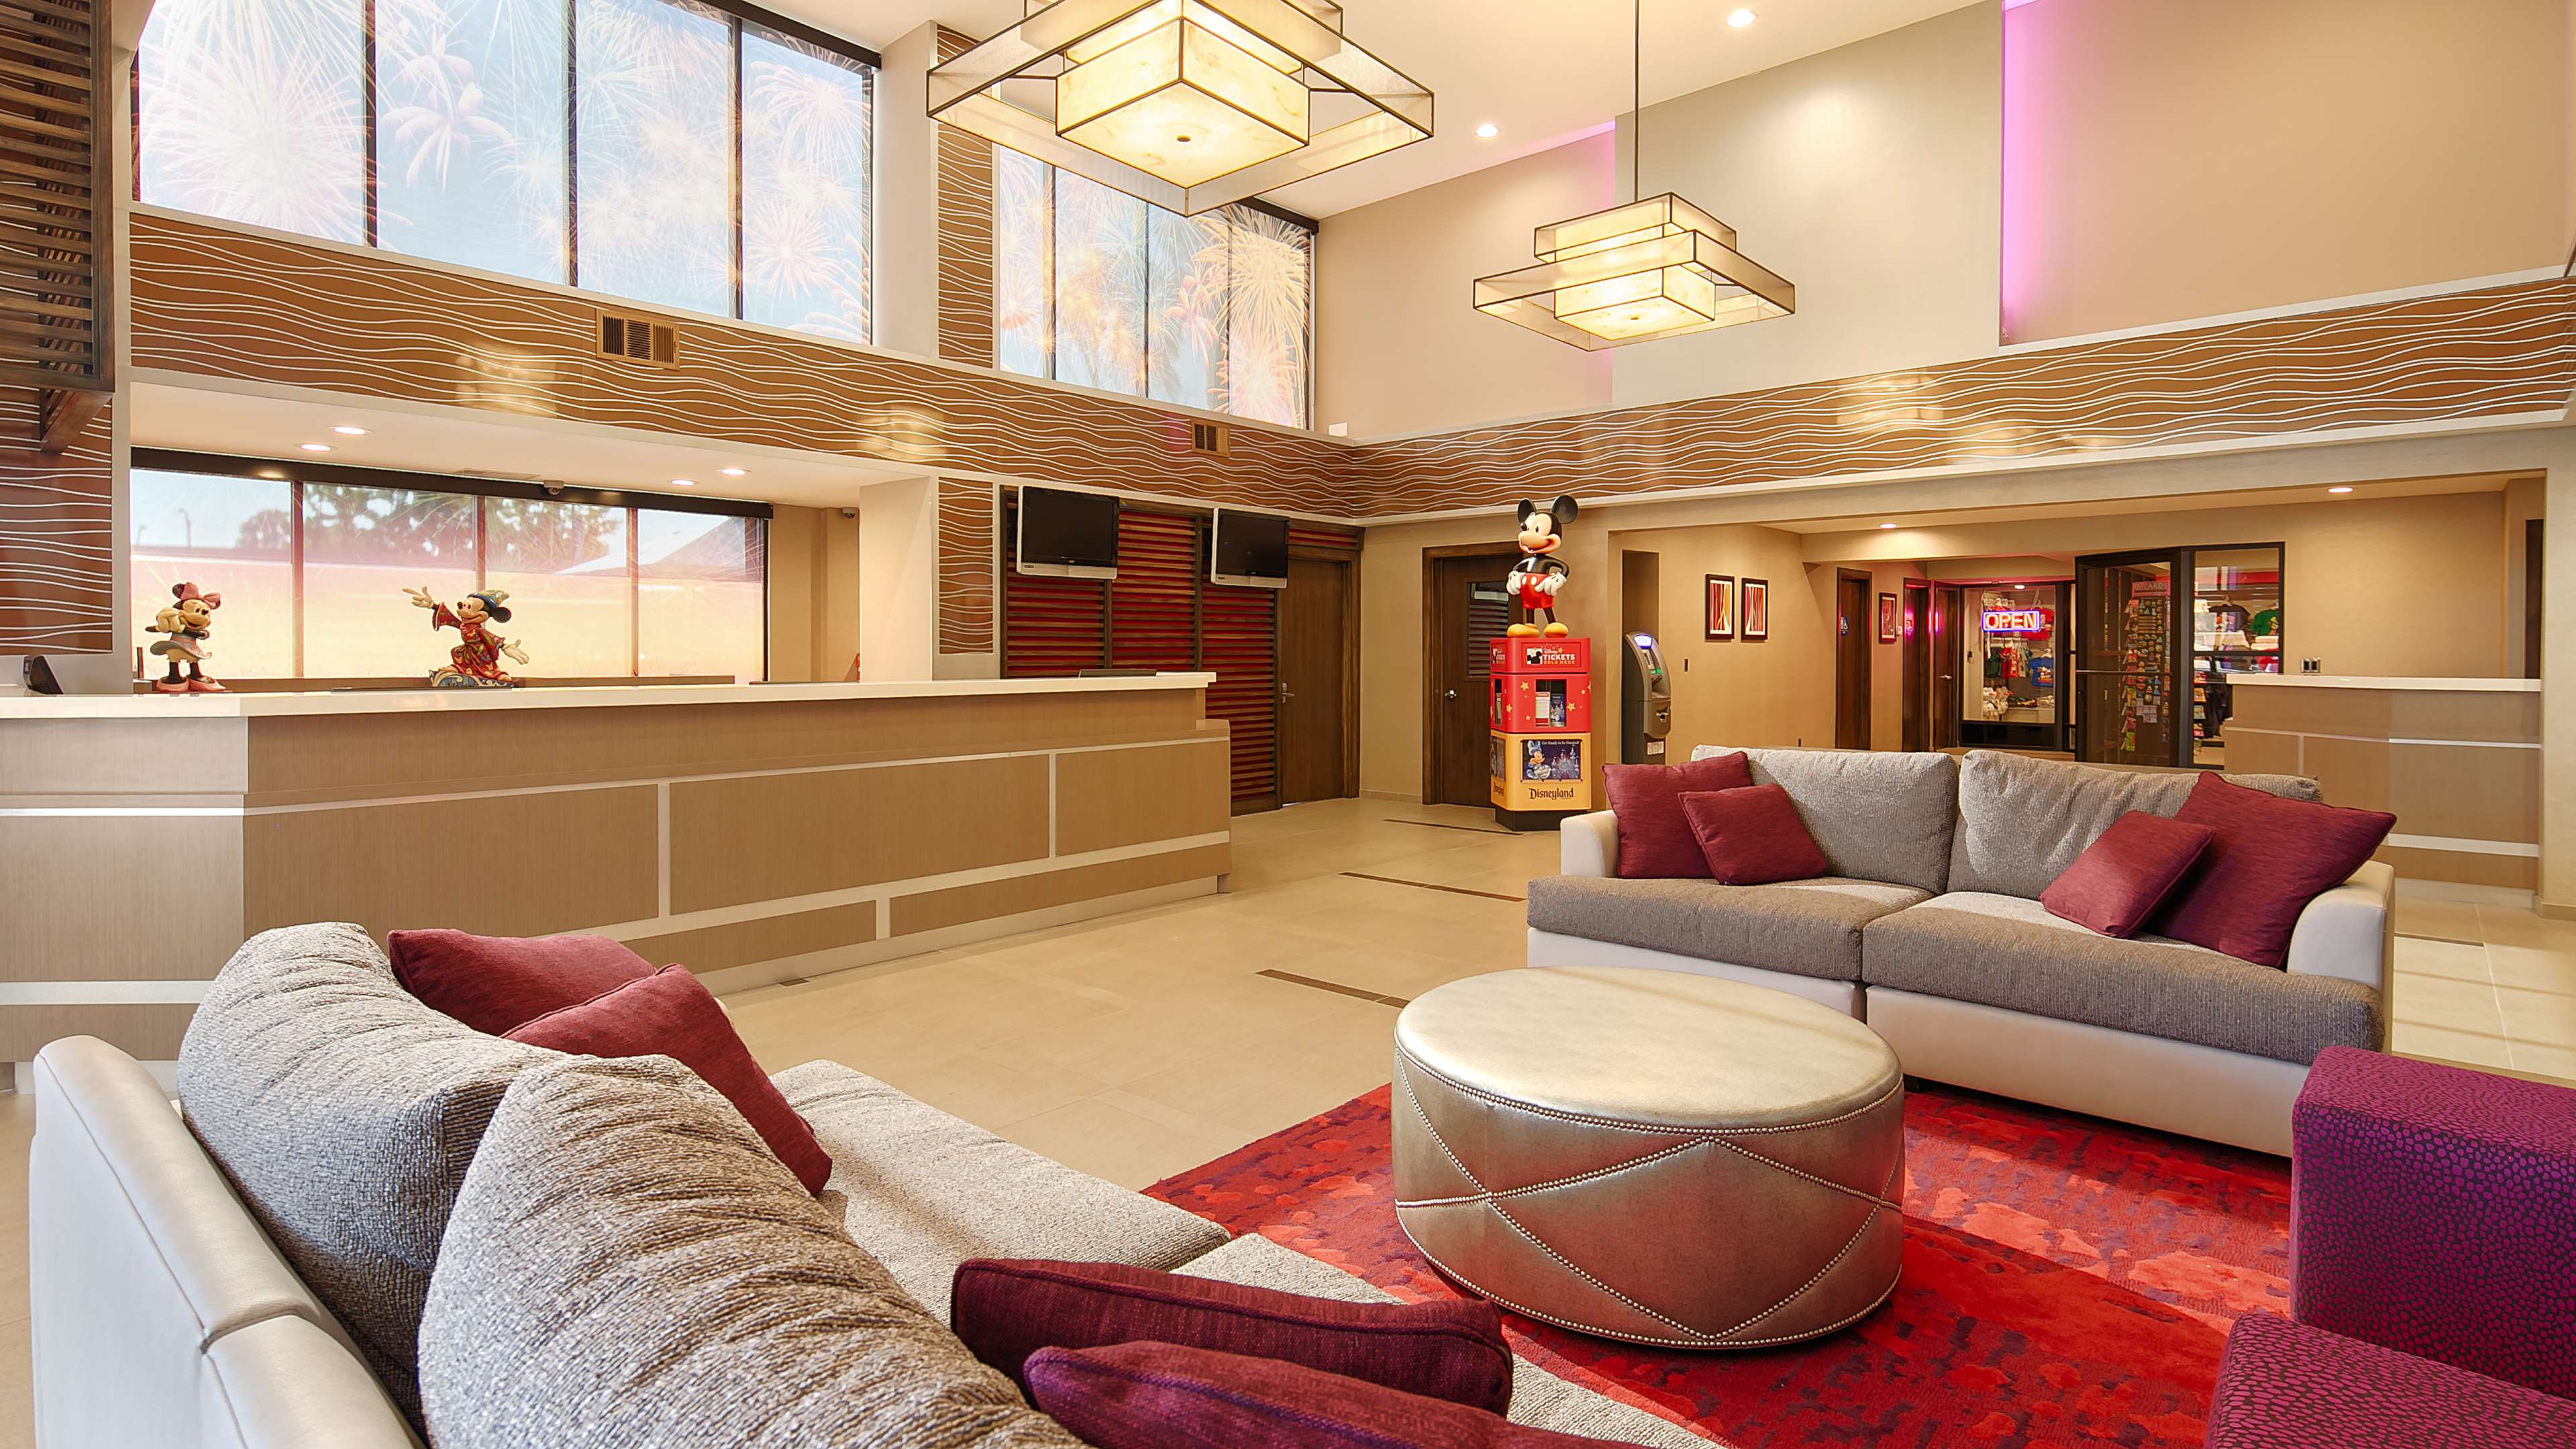 Best Western Plus Park Place Inn - Mini Suites image 2